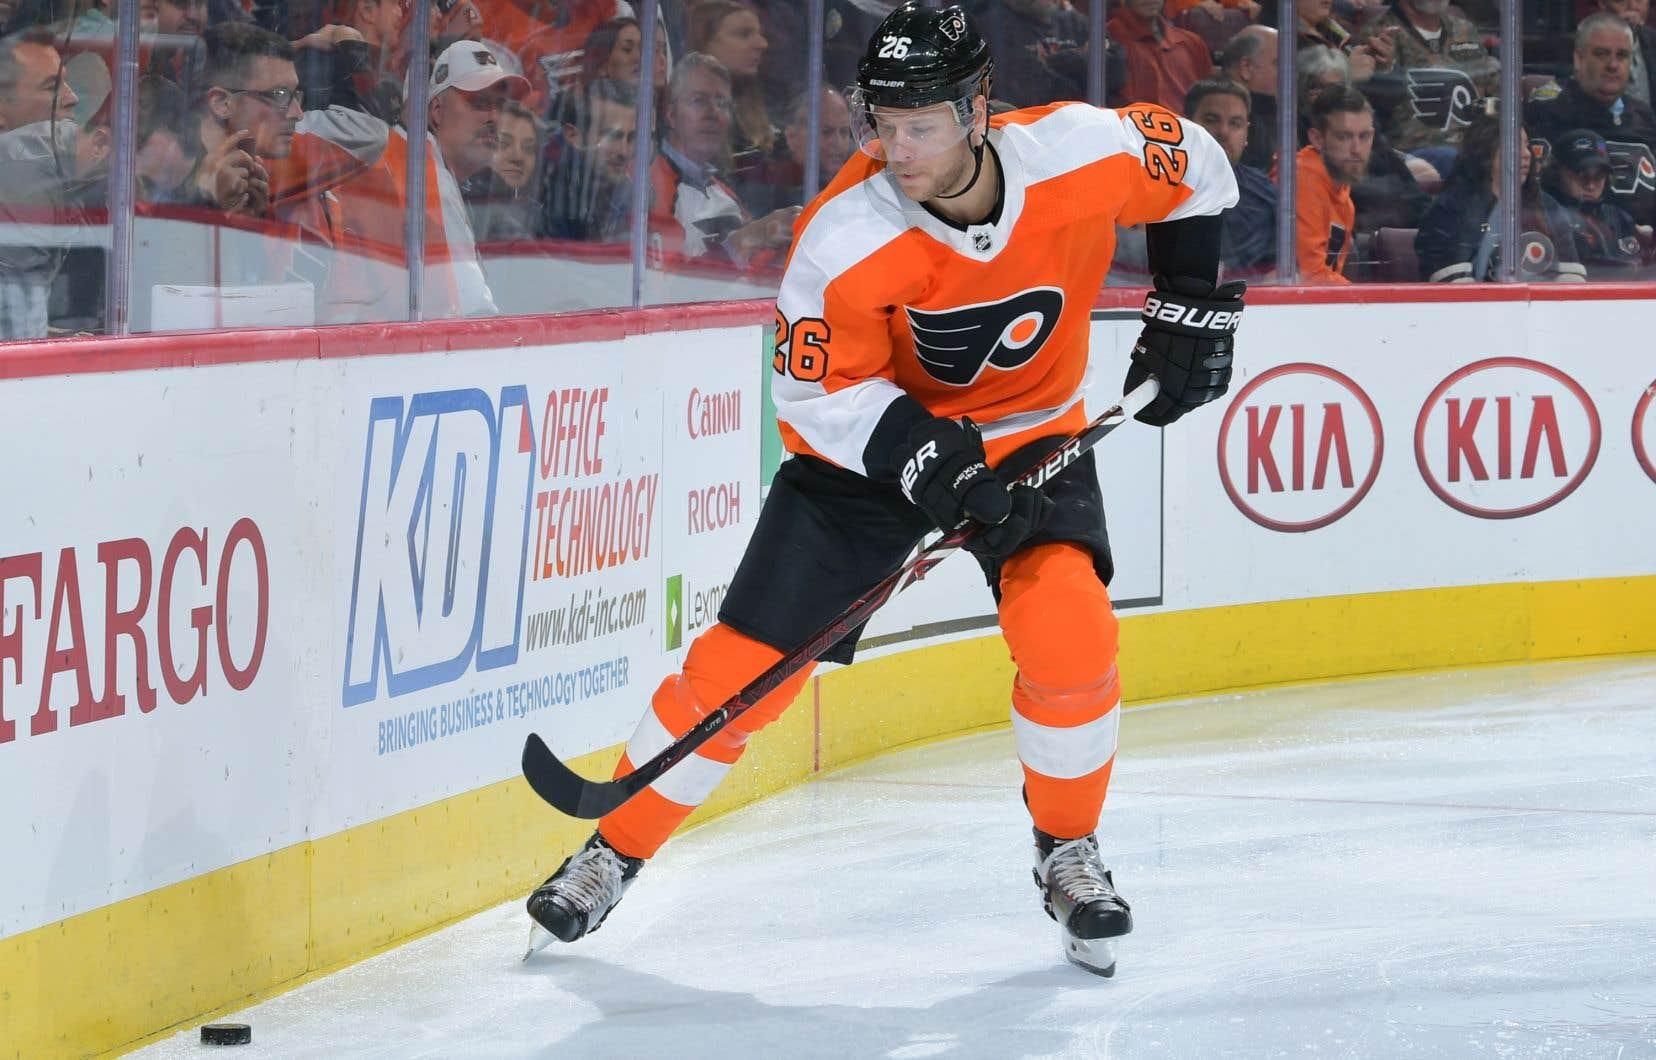 ChristianFolin a disputé 26 matchs cette saison avec les Flyers, totalisant deux aides. Le Suédois présente un différentiel de plus-21.